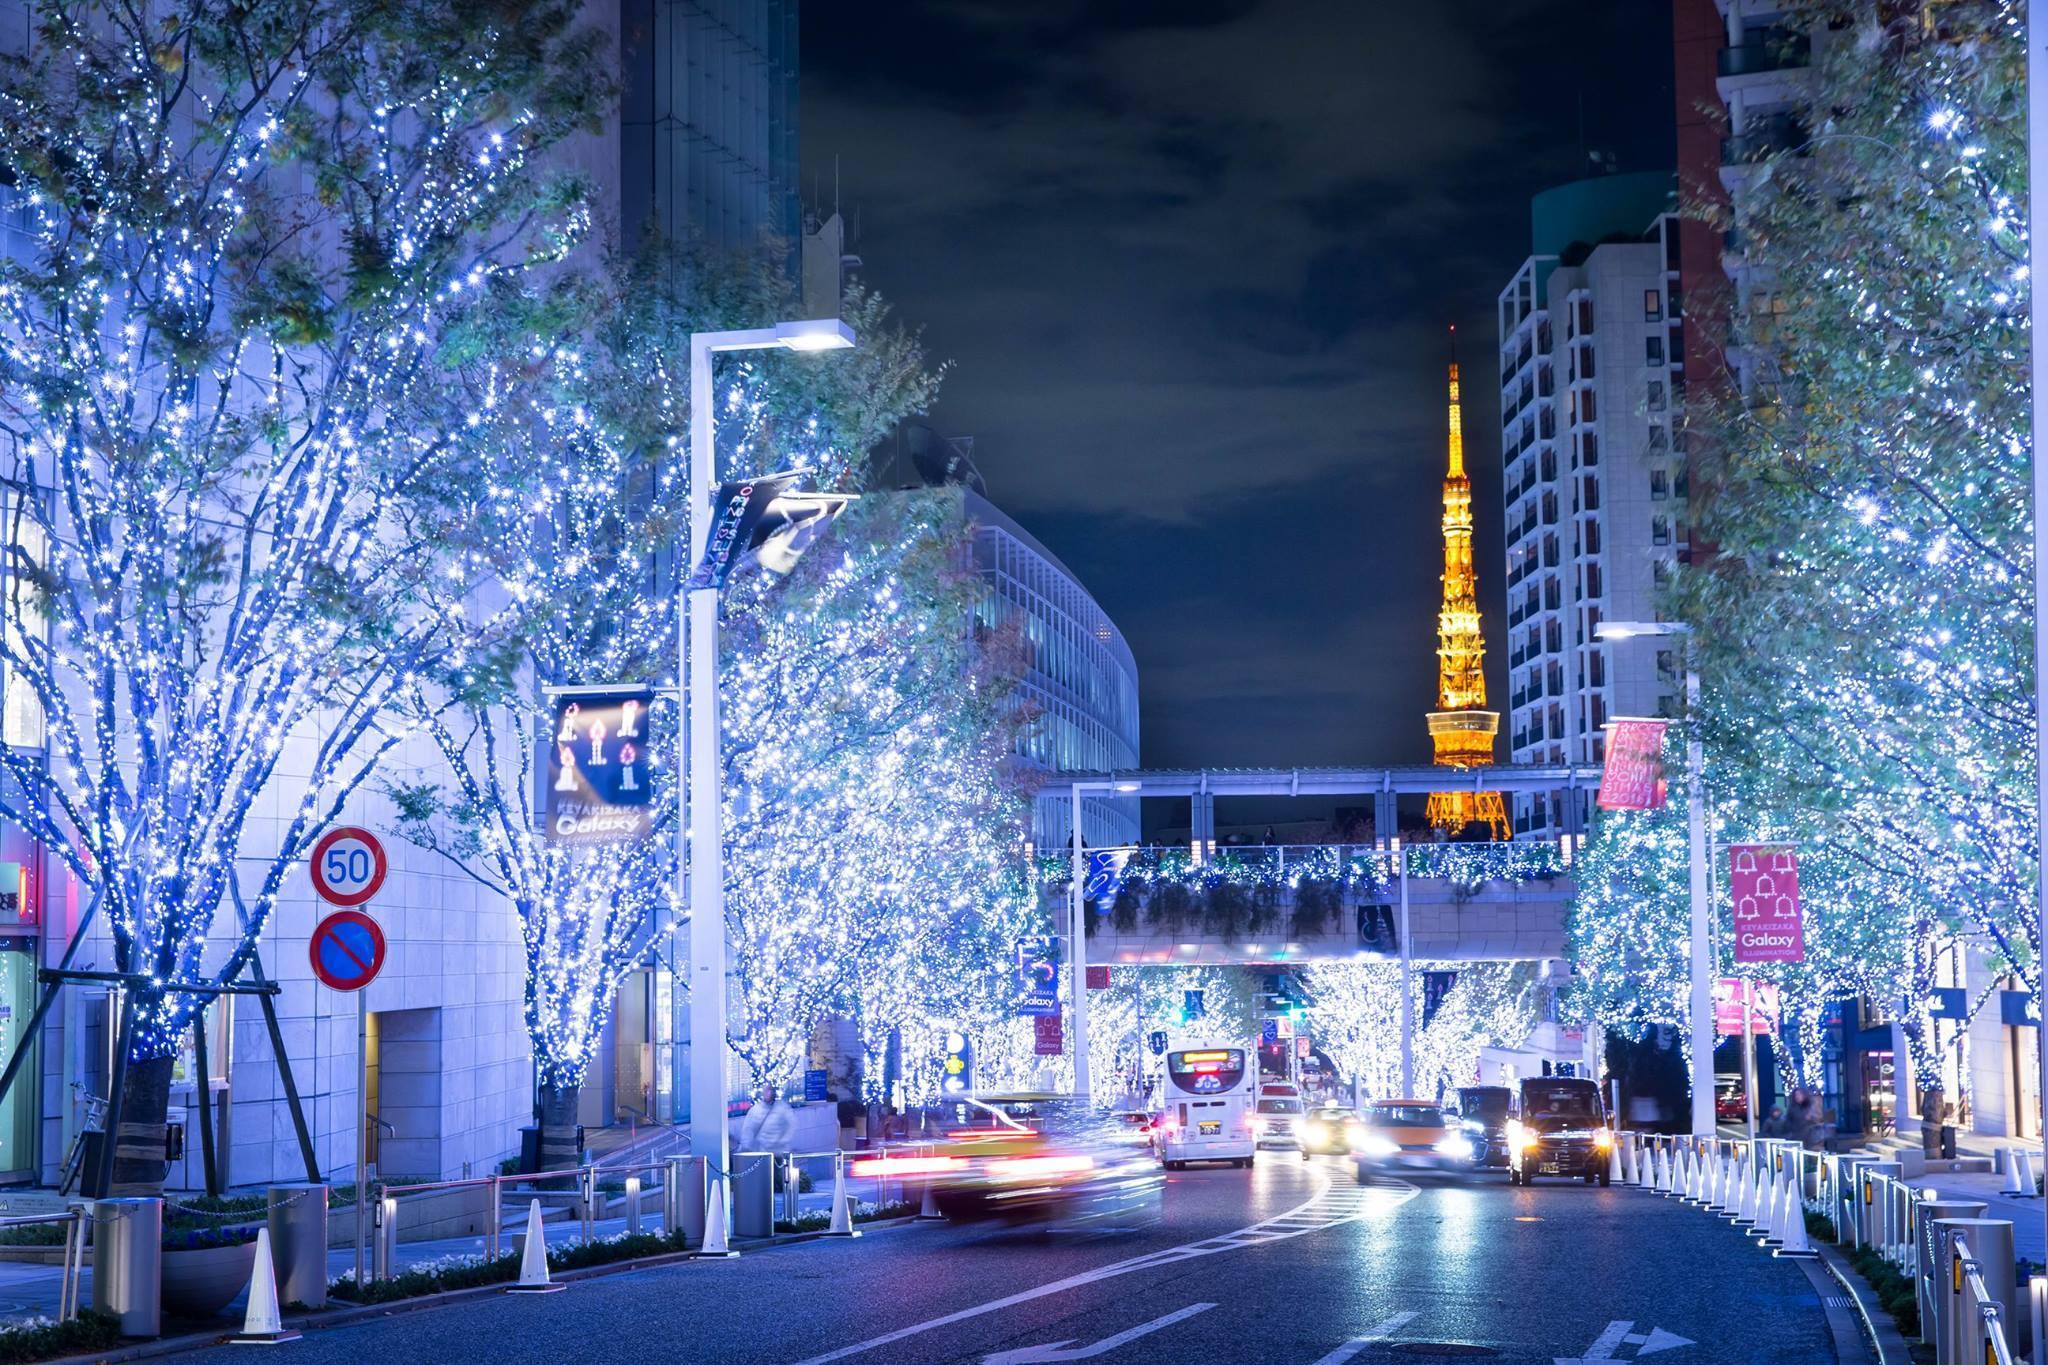 Keyazaka Illuminations